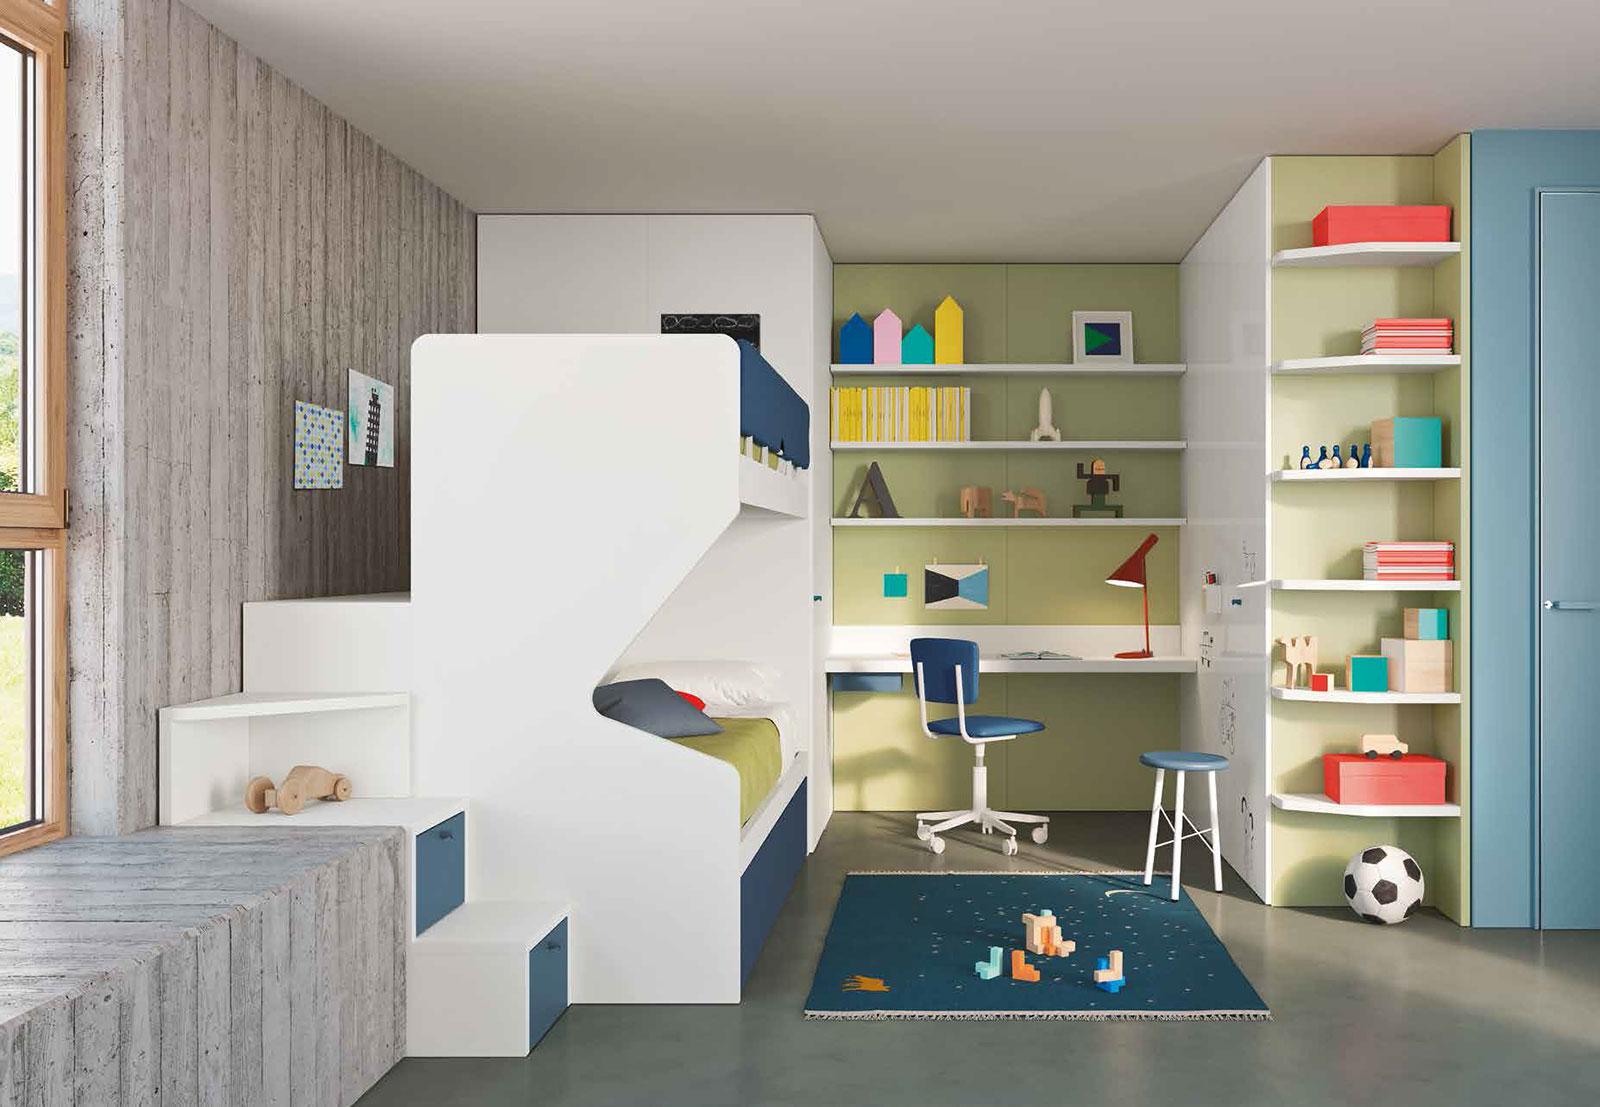 Cucine & co nidi u2013 room 06